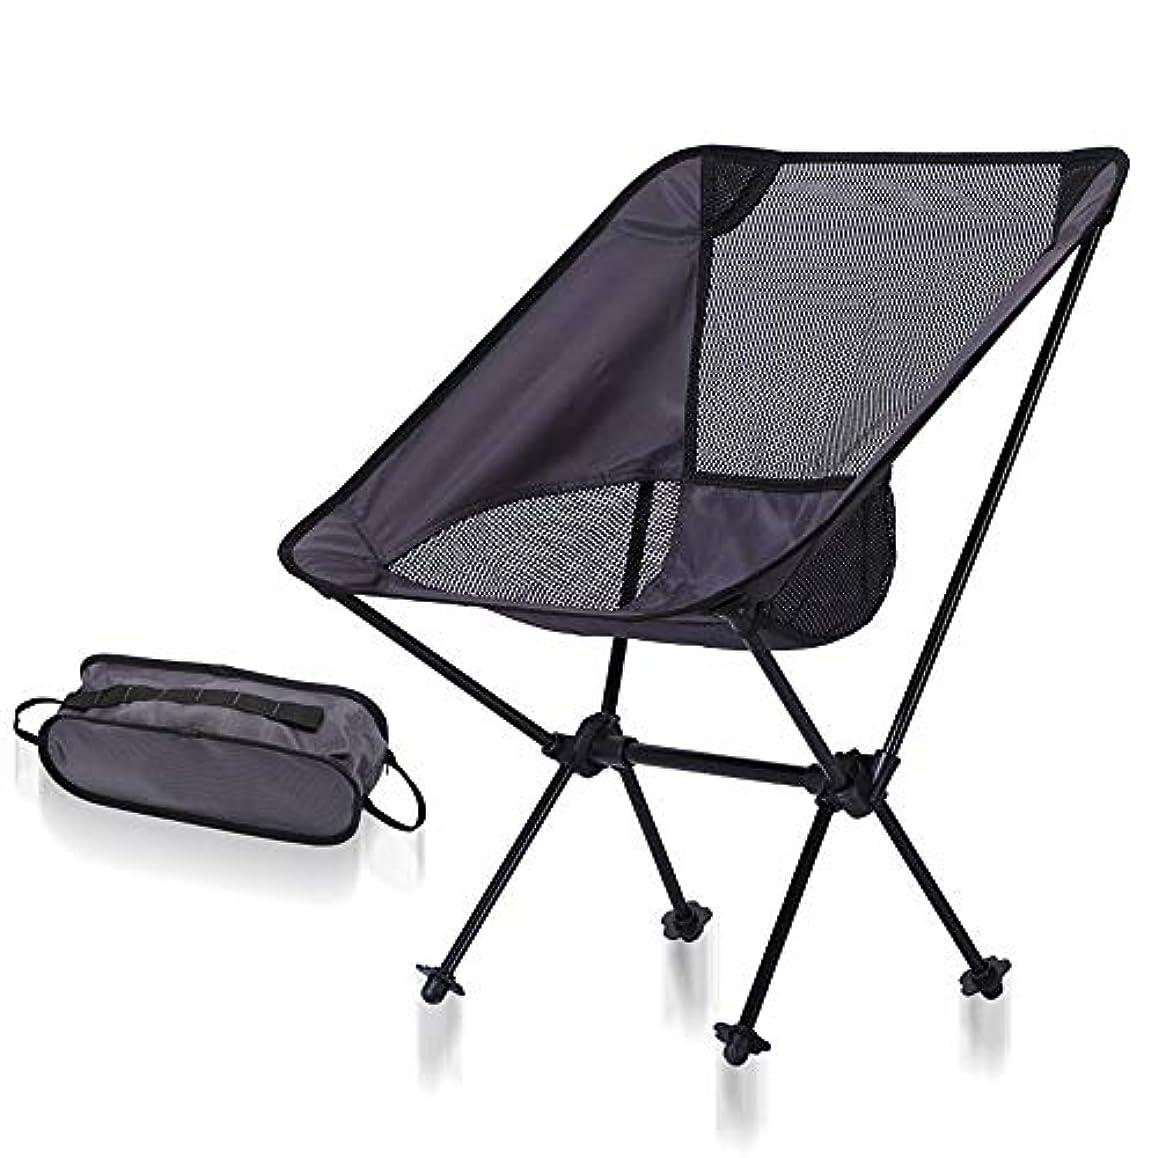 刺すバレエベテラン屋外のキャンプのビーチのための軽量の携帯用折るラウンジチェアハイキングの釣り、サポートおよび慰めを提供して下さい アウトドア キャンプ用 (色 : Dark gray+black net)